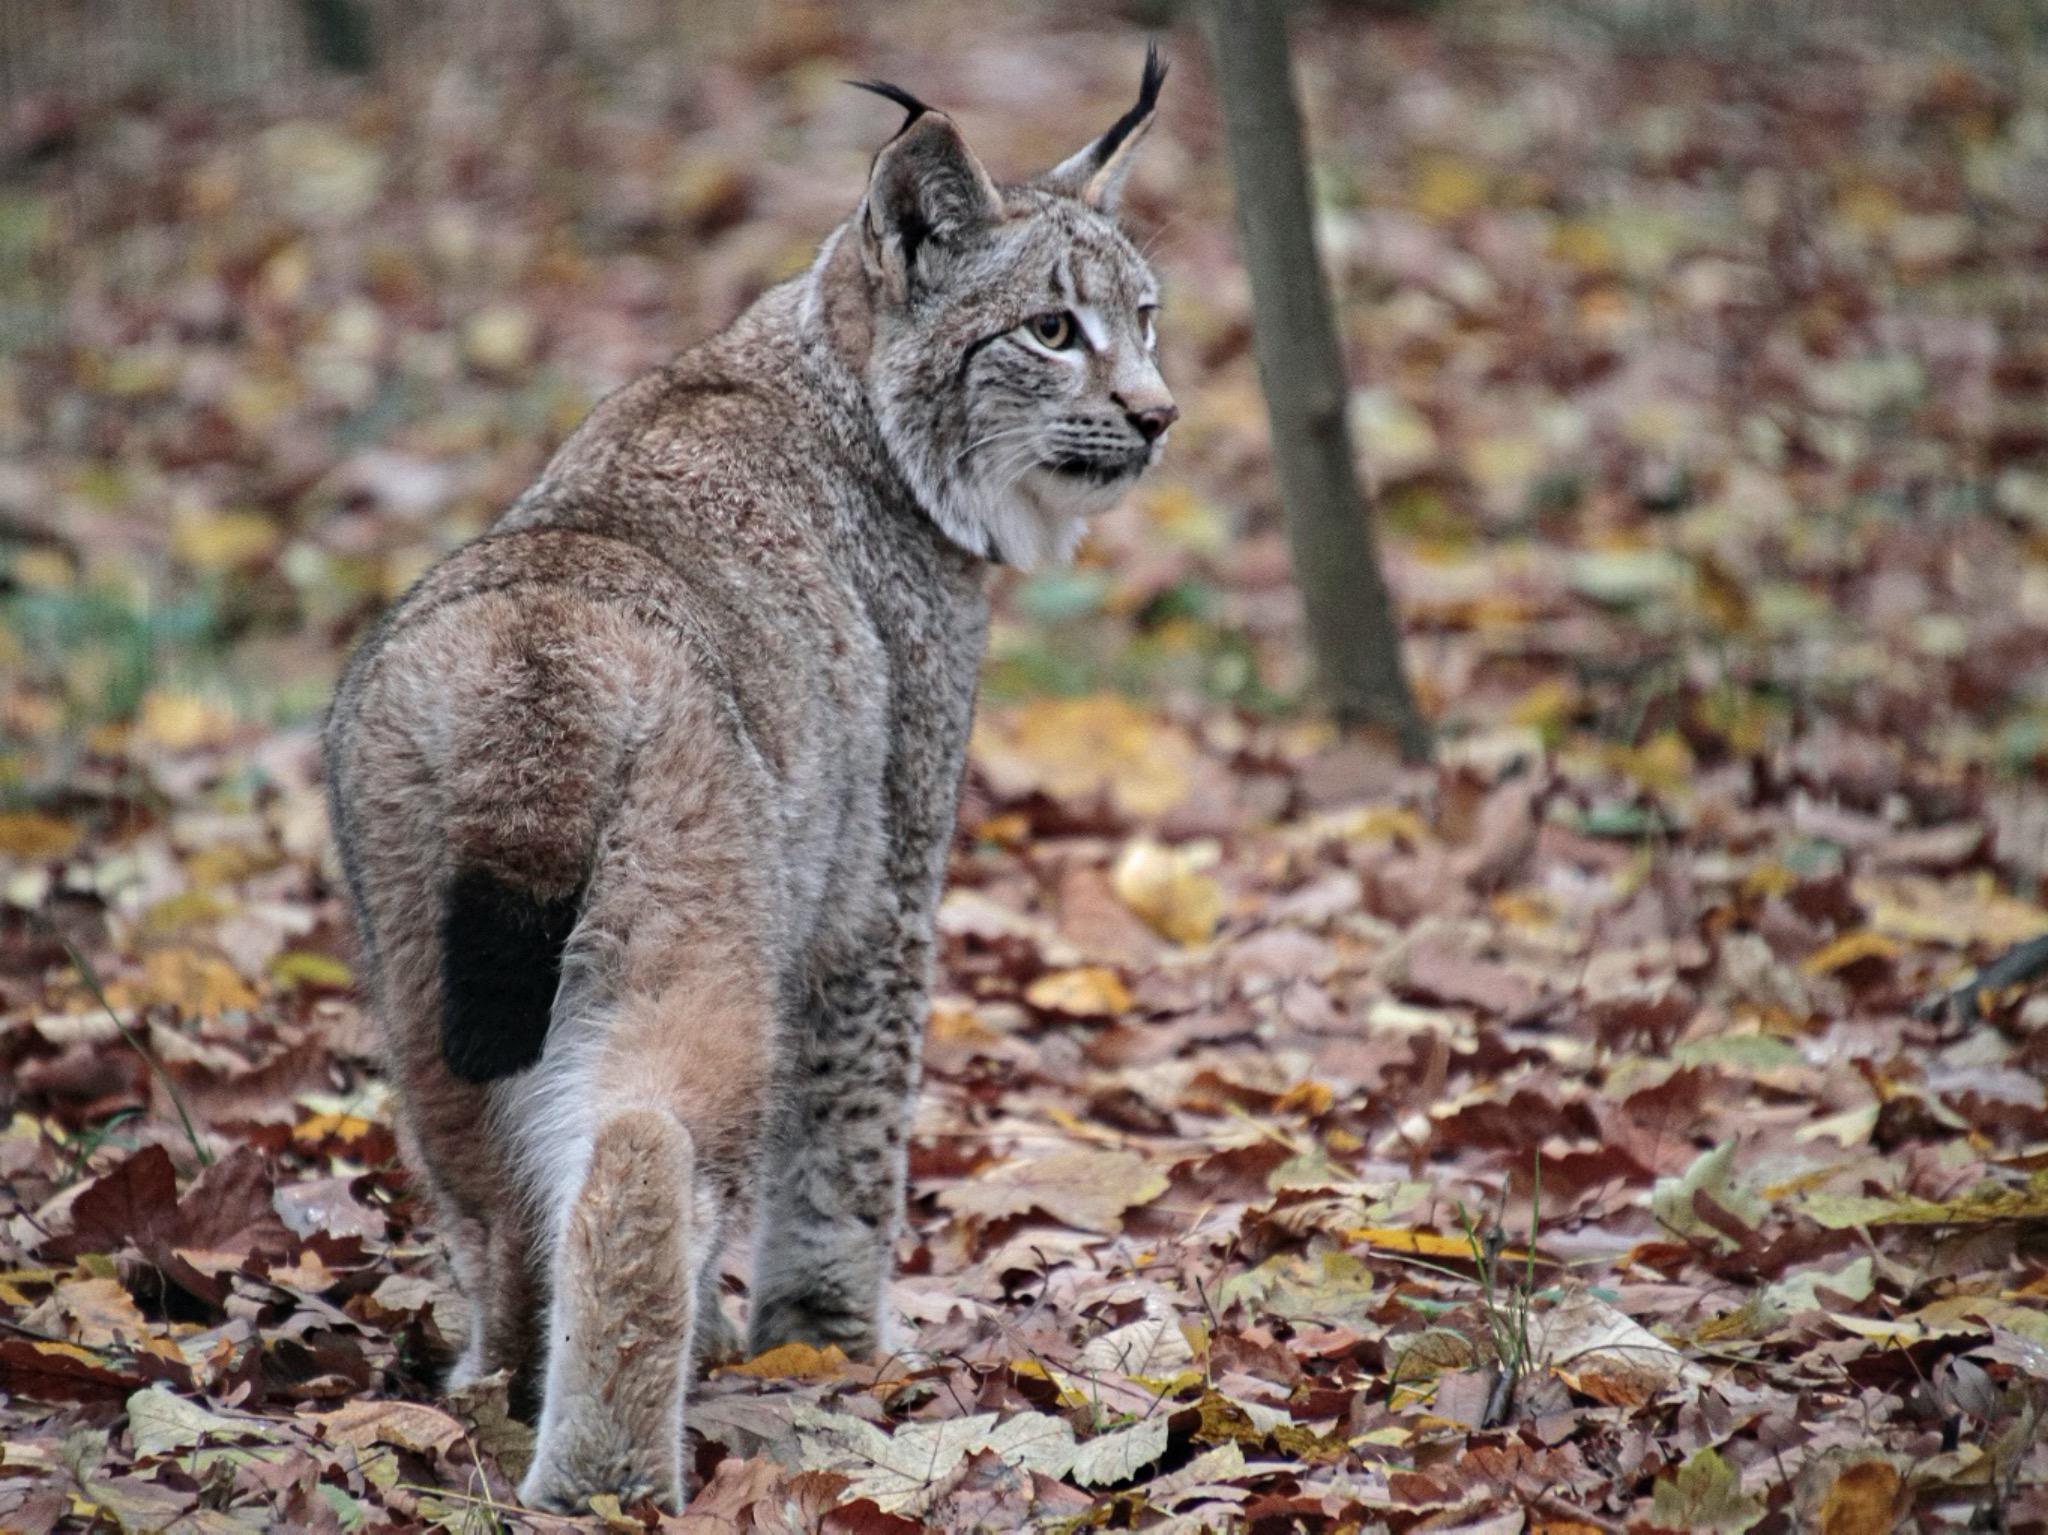 Der Wildpark bekommt Zuwachs: Luchsdame Hedwig. Bildquelle: Florian Dittert